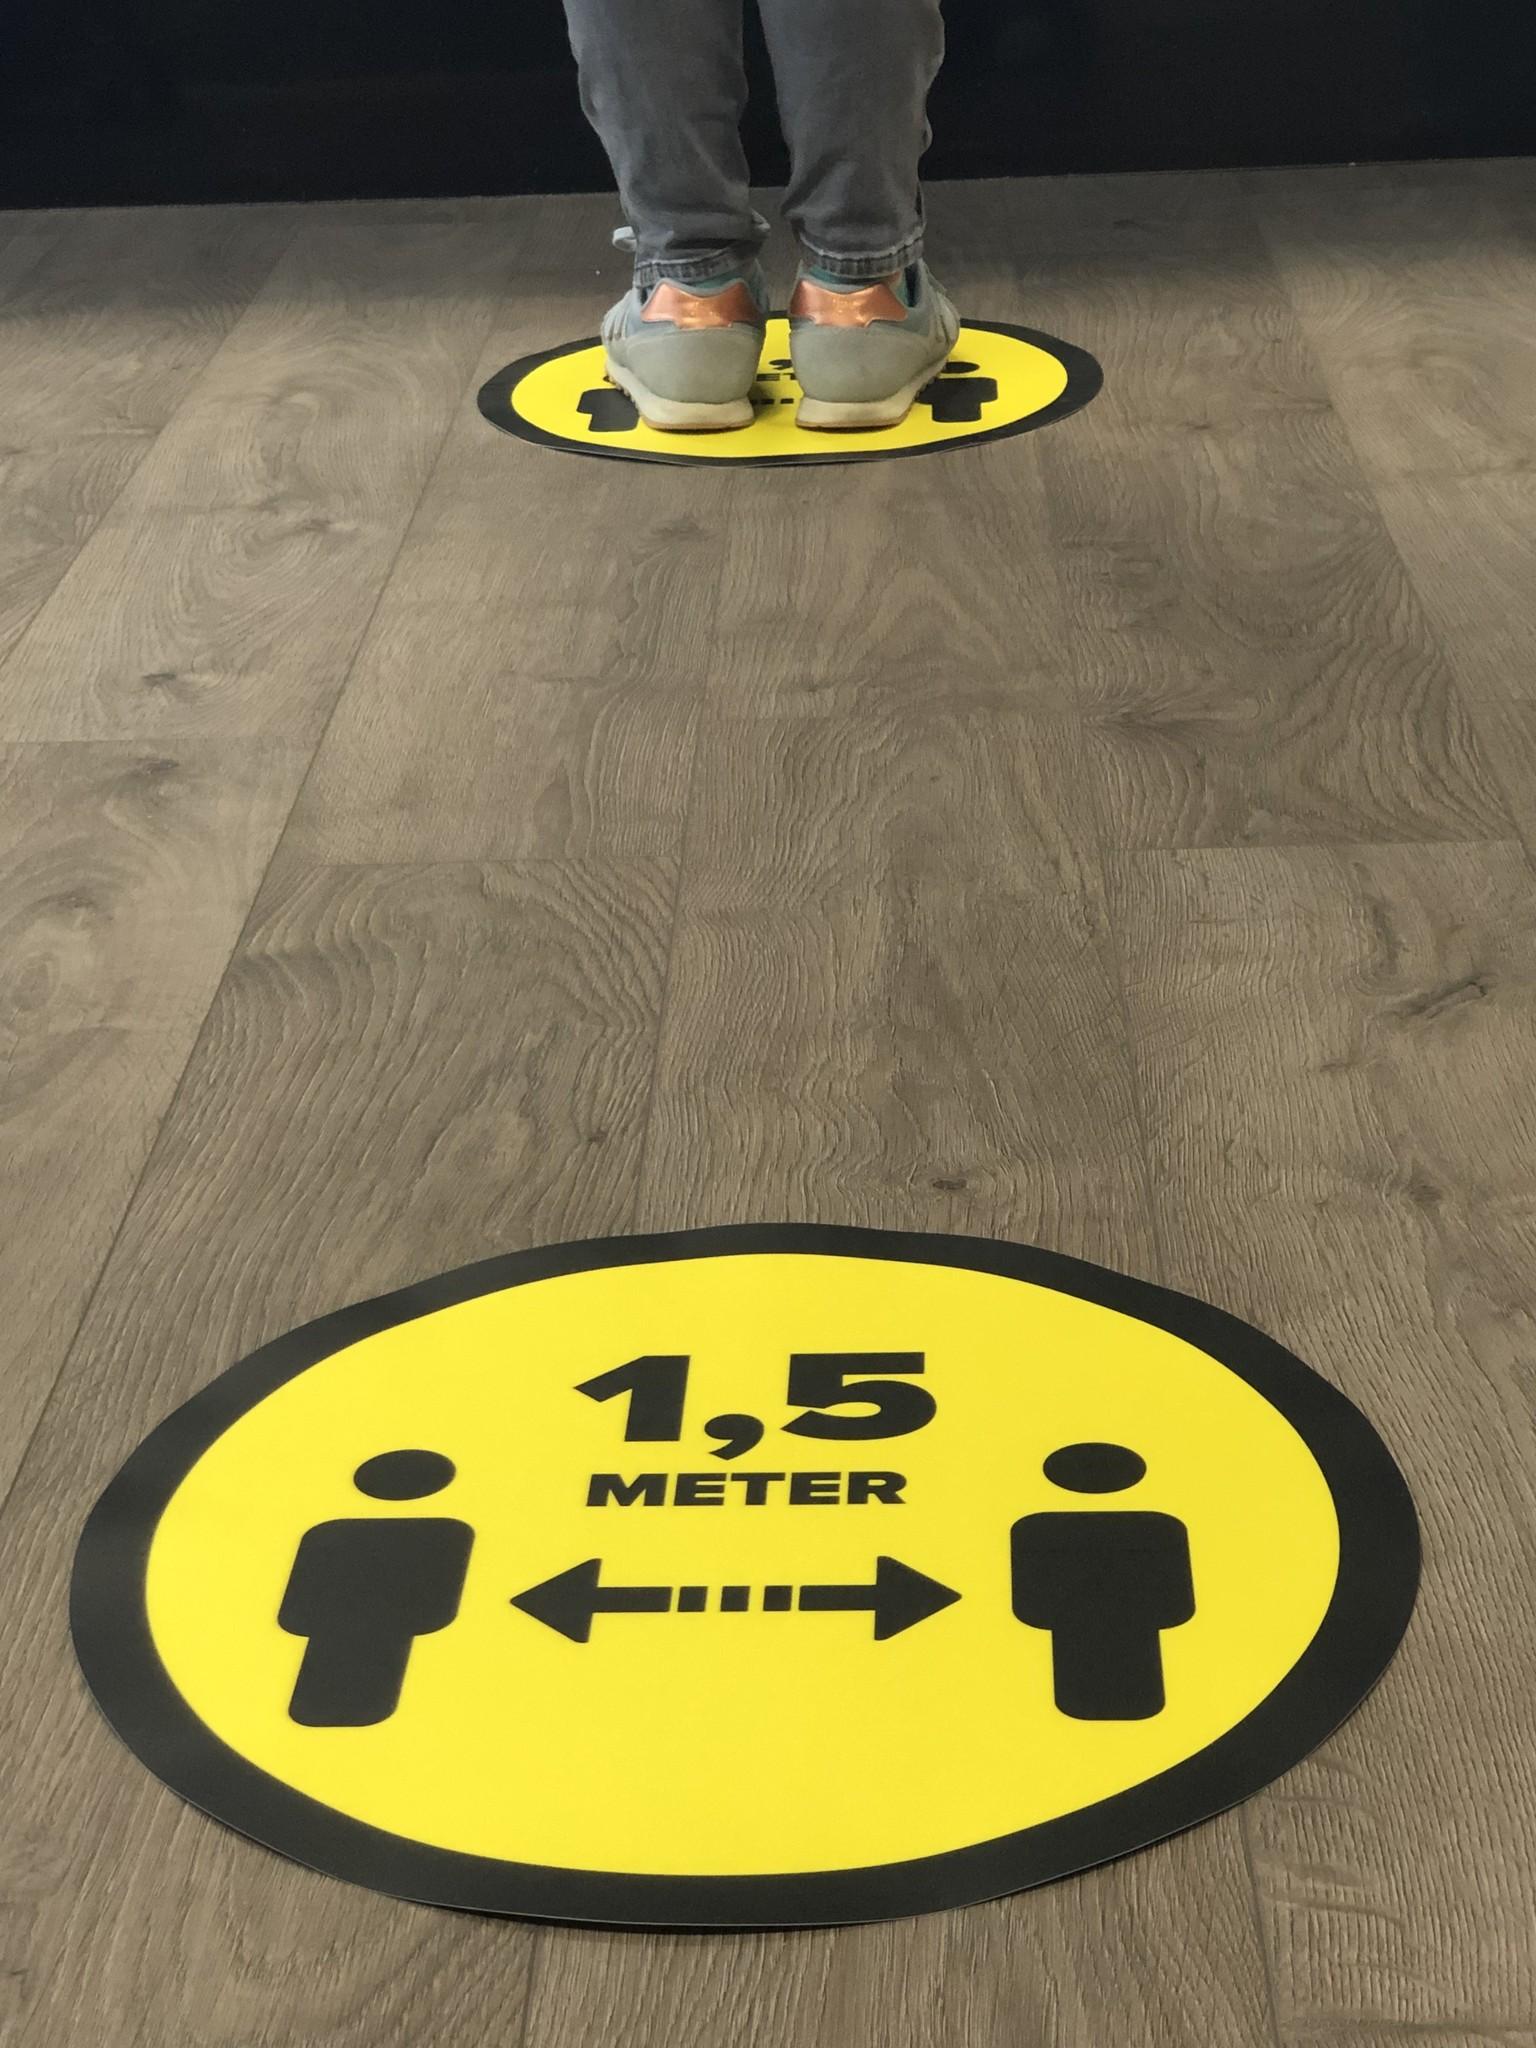 Abstand der Bodenaufkleber 1,5 Meter (rund) aufbewahren